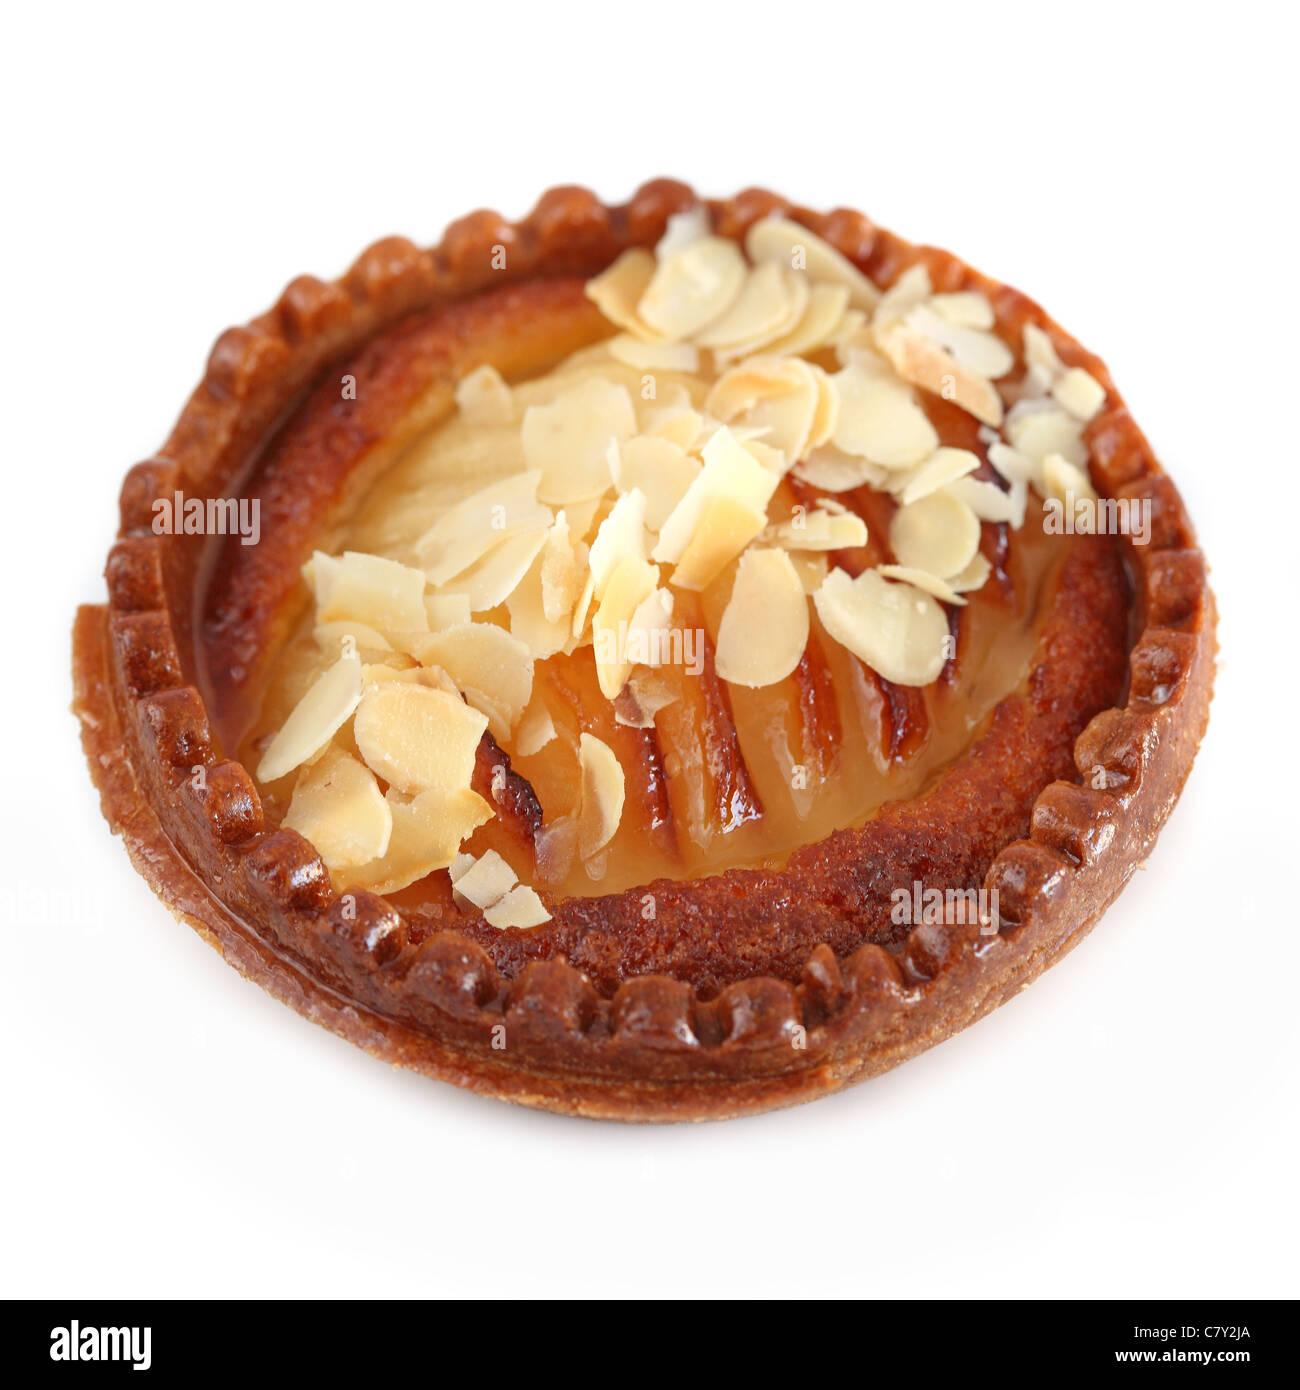 Tartelette poires-amandes Pear almond tart - Stock Image